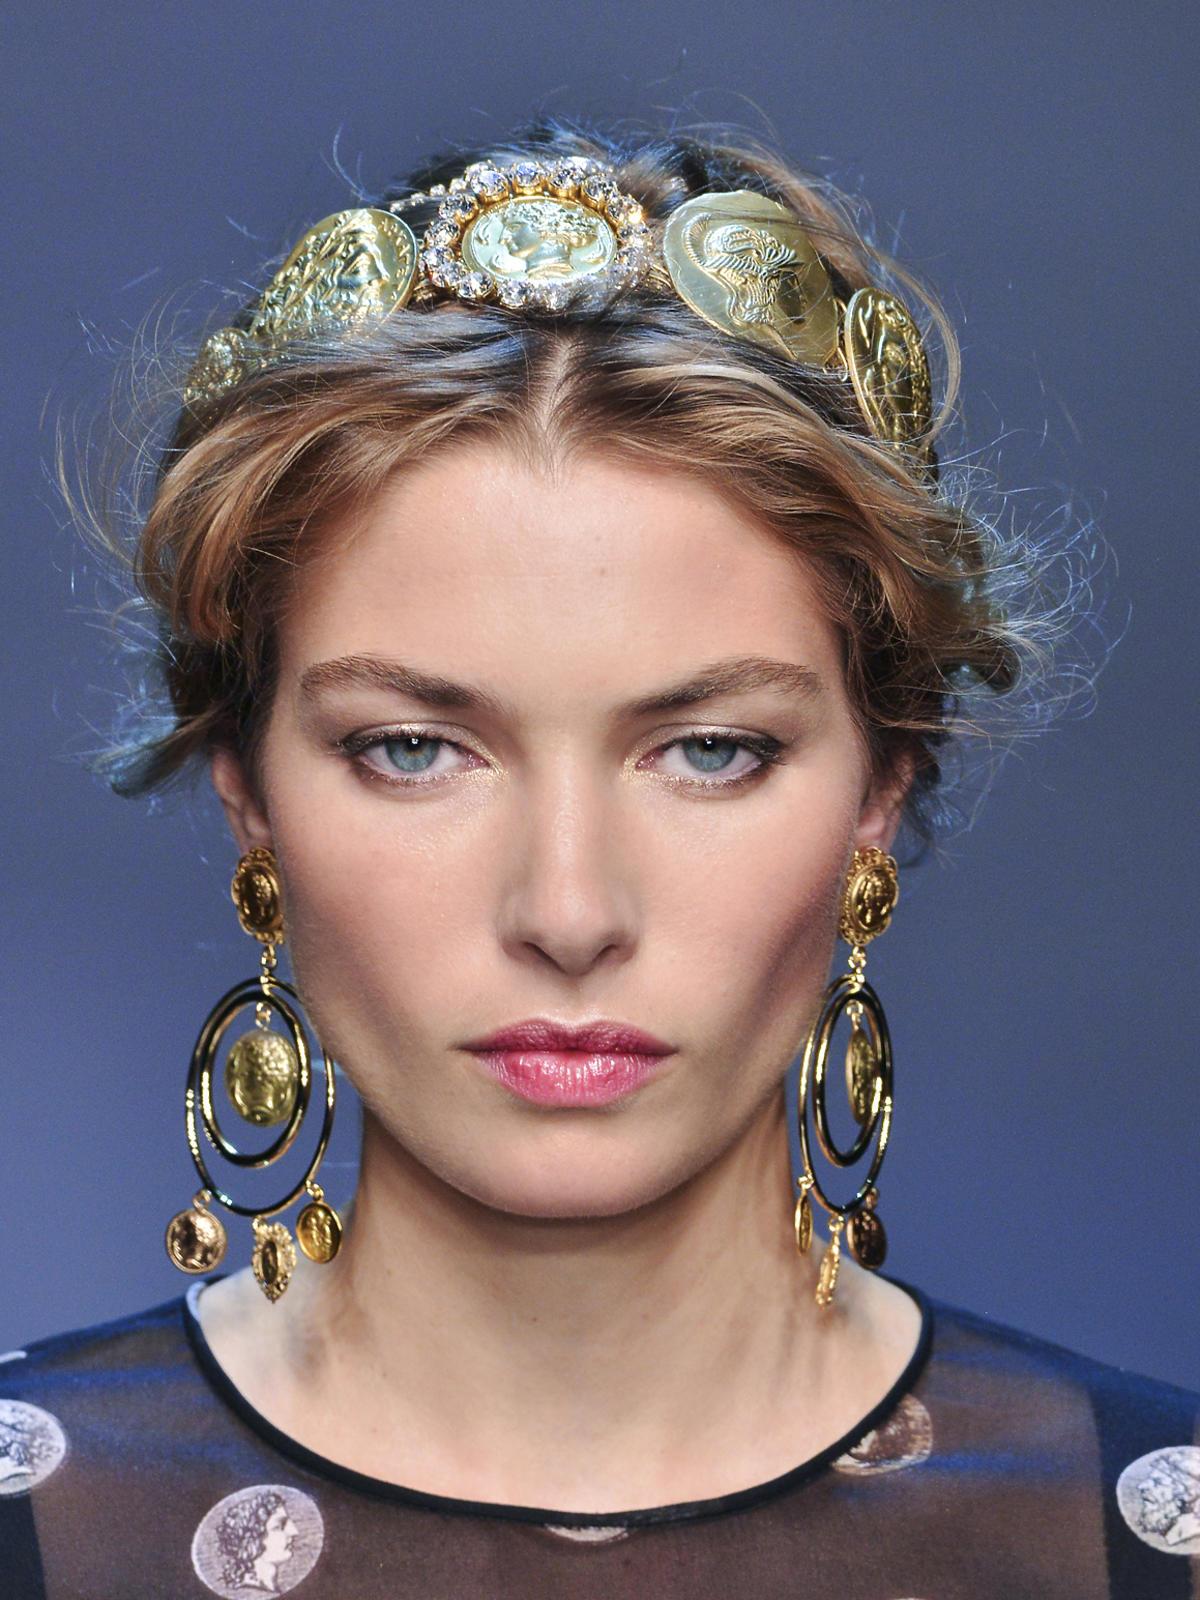 Upięcie z opaską na wiosnę 2014, Dolce&Gabbana